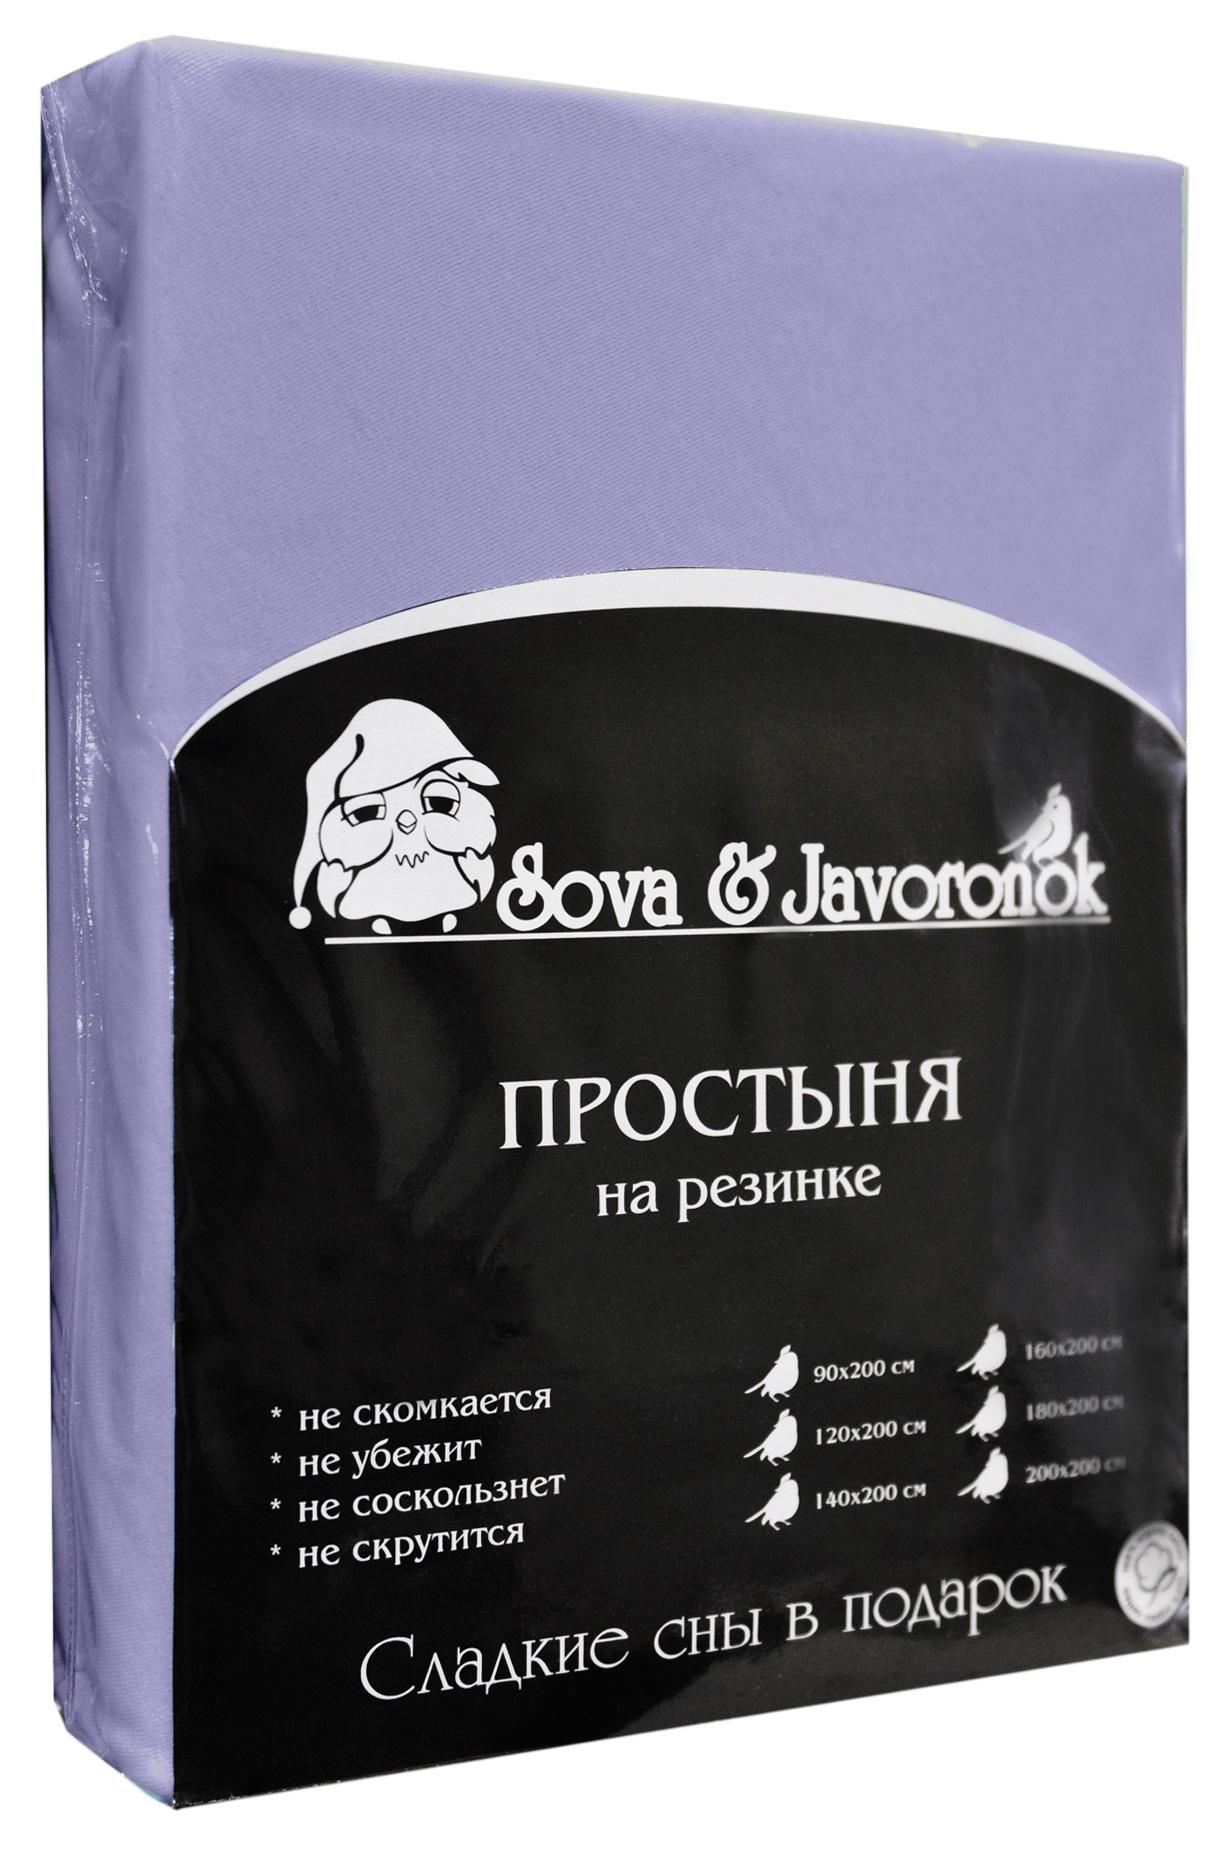 Простыня на резинке Sova & Javoronok, цвет: фиолетовый, 160 см х 200 см0803113696Простыня на резинке Sova & Javoronok, изготовленная из трикотажной ткани (100% хлопок), будет превосходно смотреться с любыми комплектами белья. Хлопчатобумажный трикотаж по праву считается одним из самых качественных, прочных и при этом приятных на ощупь. Его гигиеничность позволяет использовать простыню и в детских комнатах, к тому же 100%-ый хлопок в составе ткани не вызовет аллергии. У трикотажного полотна очень интересная структура, немного рыхлая за счет отсутствия плотного переплетения нитей и наличия особых петель, благодаря этому простыня Сова и Жаворонок отлично пропускает воздух и способствует его постоянной циркуляции. Поэтому ваша постель будет всегда оставаться свежей. Но главное и, пожалуй, самое известное свойство трикотажа - это его великолепная растяжимость, поэтому эта ткань и была выбрана для натяжной простыни на резинке.Простыня прошита резинкой по всему периметру, что обеспечивает более комфортный отдых, так как она прочно удерживается на матрасе и избавляет от необходимости часто поправлять простыню.